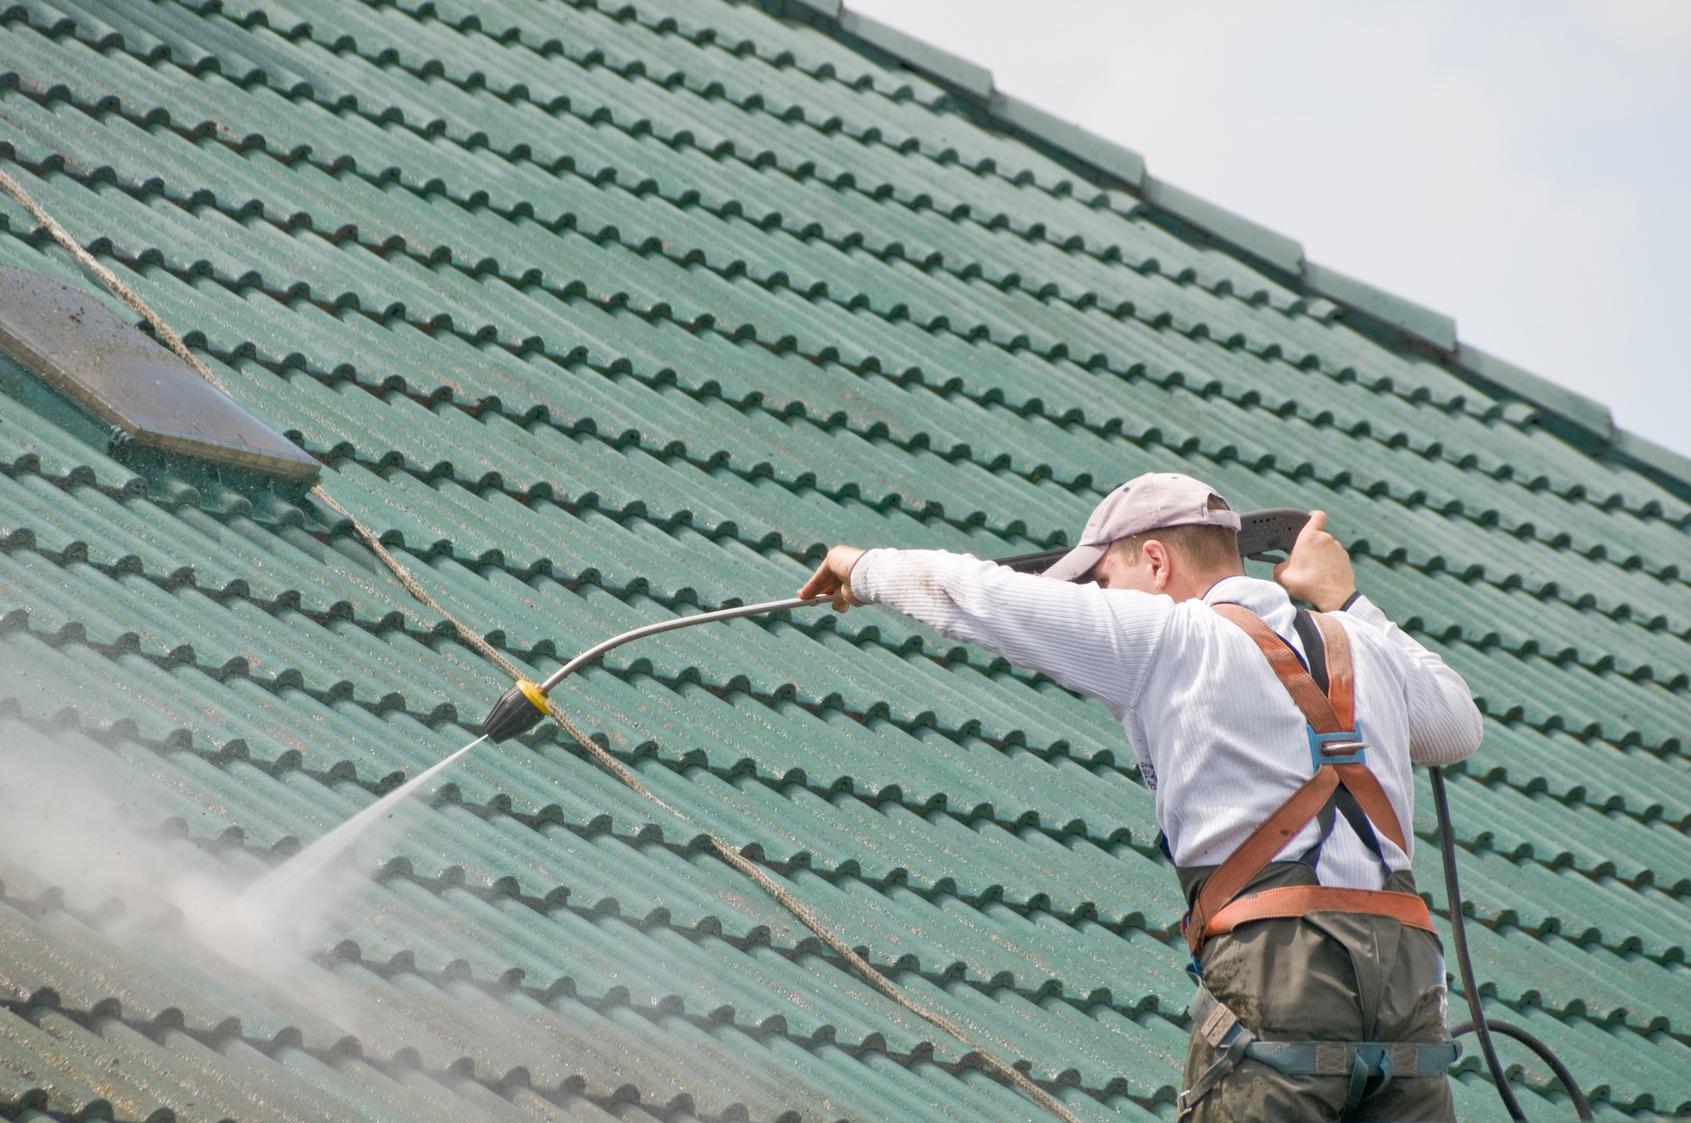 prix nettoyage toiture tout sur le cout d 39 un demoussage ou nettoyage de toiture. Black Bedroom Furniture Sets. Home Design Ideas